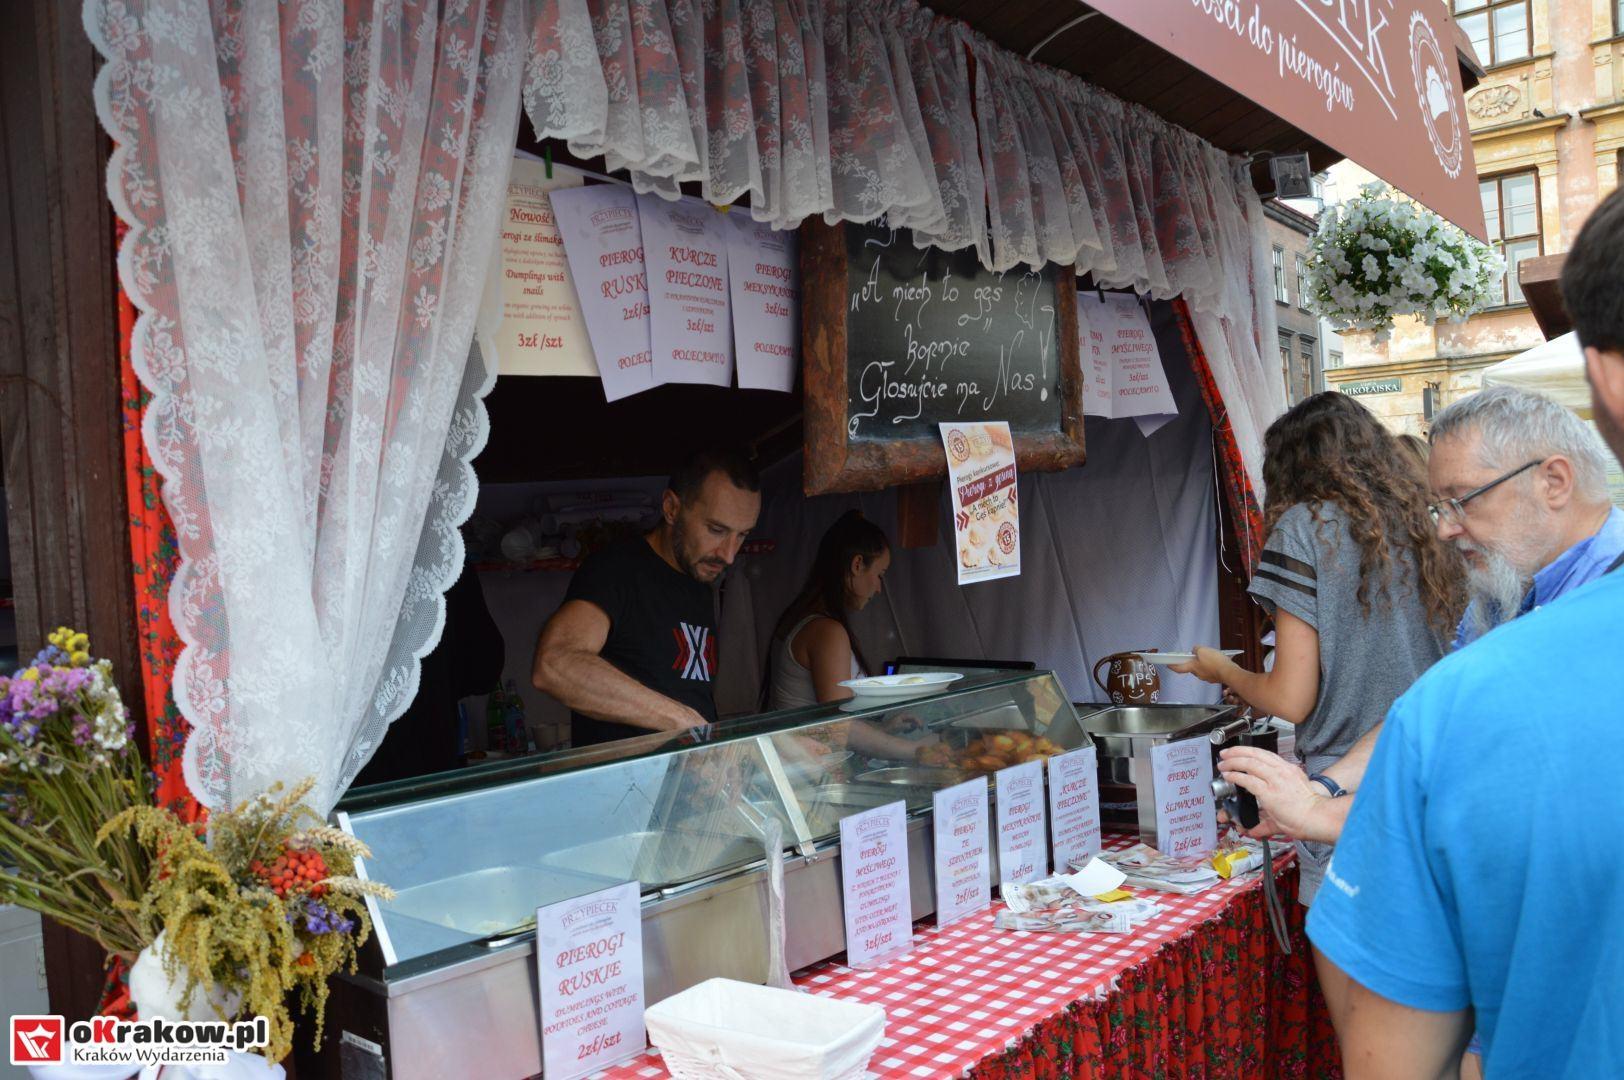 krakow festiwal pierogow maly rynek koncert cheap tobacco 36 150x150 - Galeria zdjęć Festiwal Pierogów Kraków 2018 + zdjęcia z koncertu Cheap Tobacco